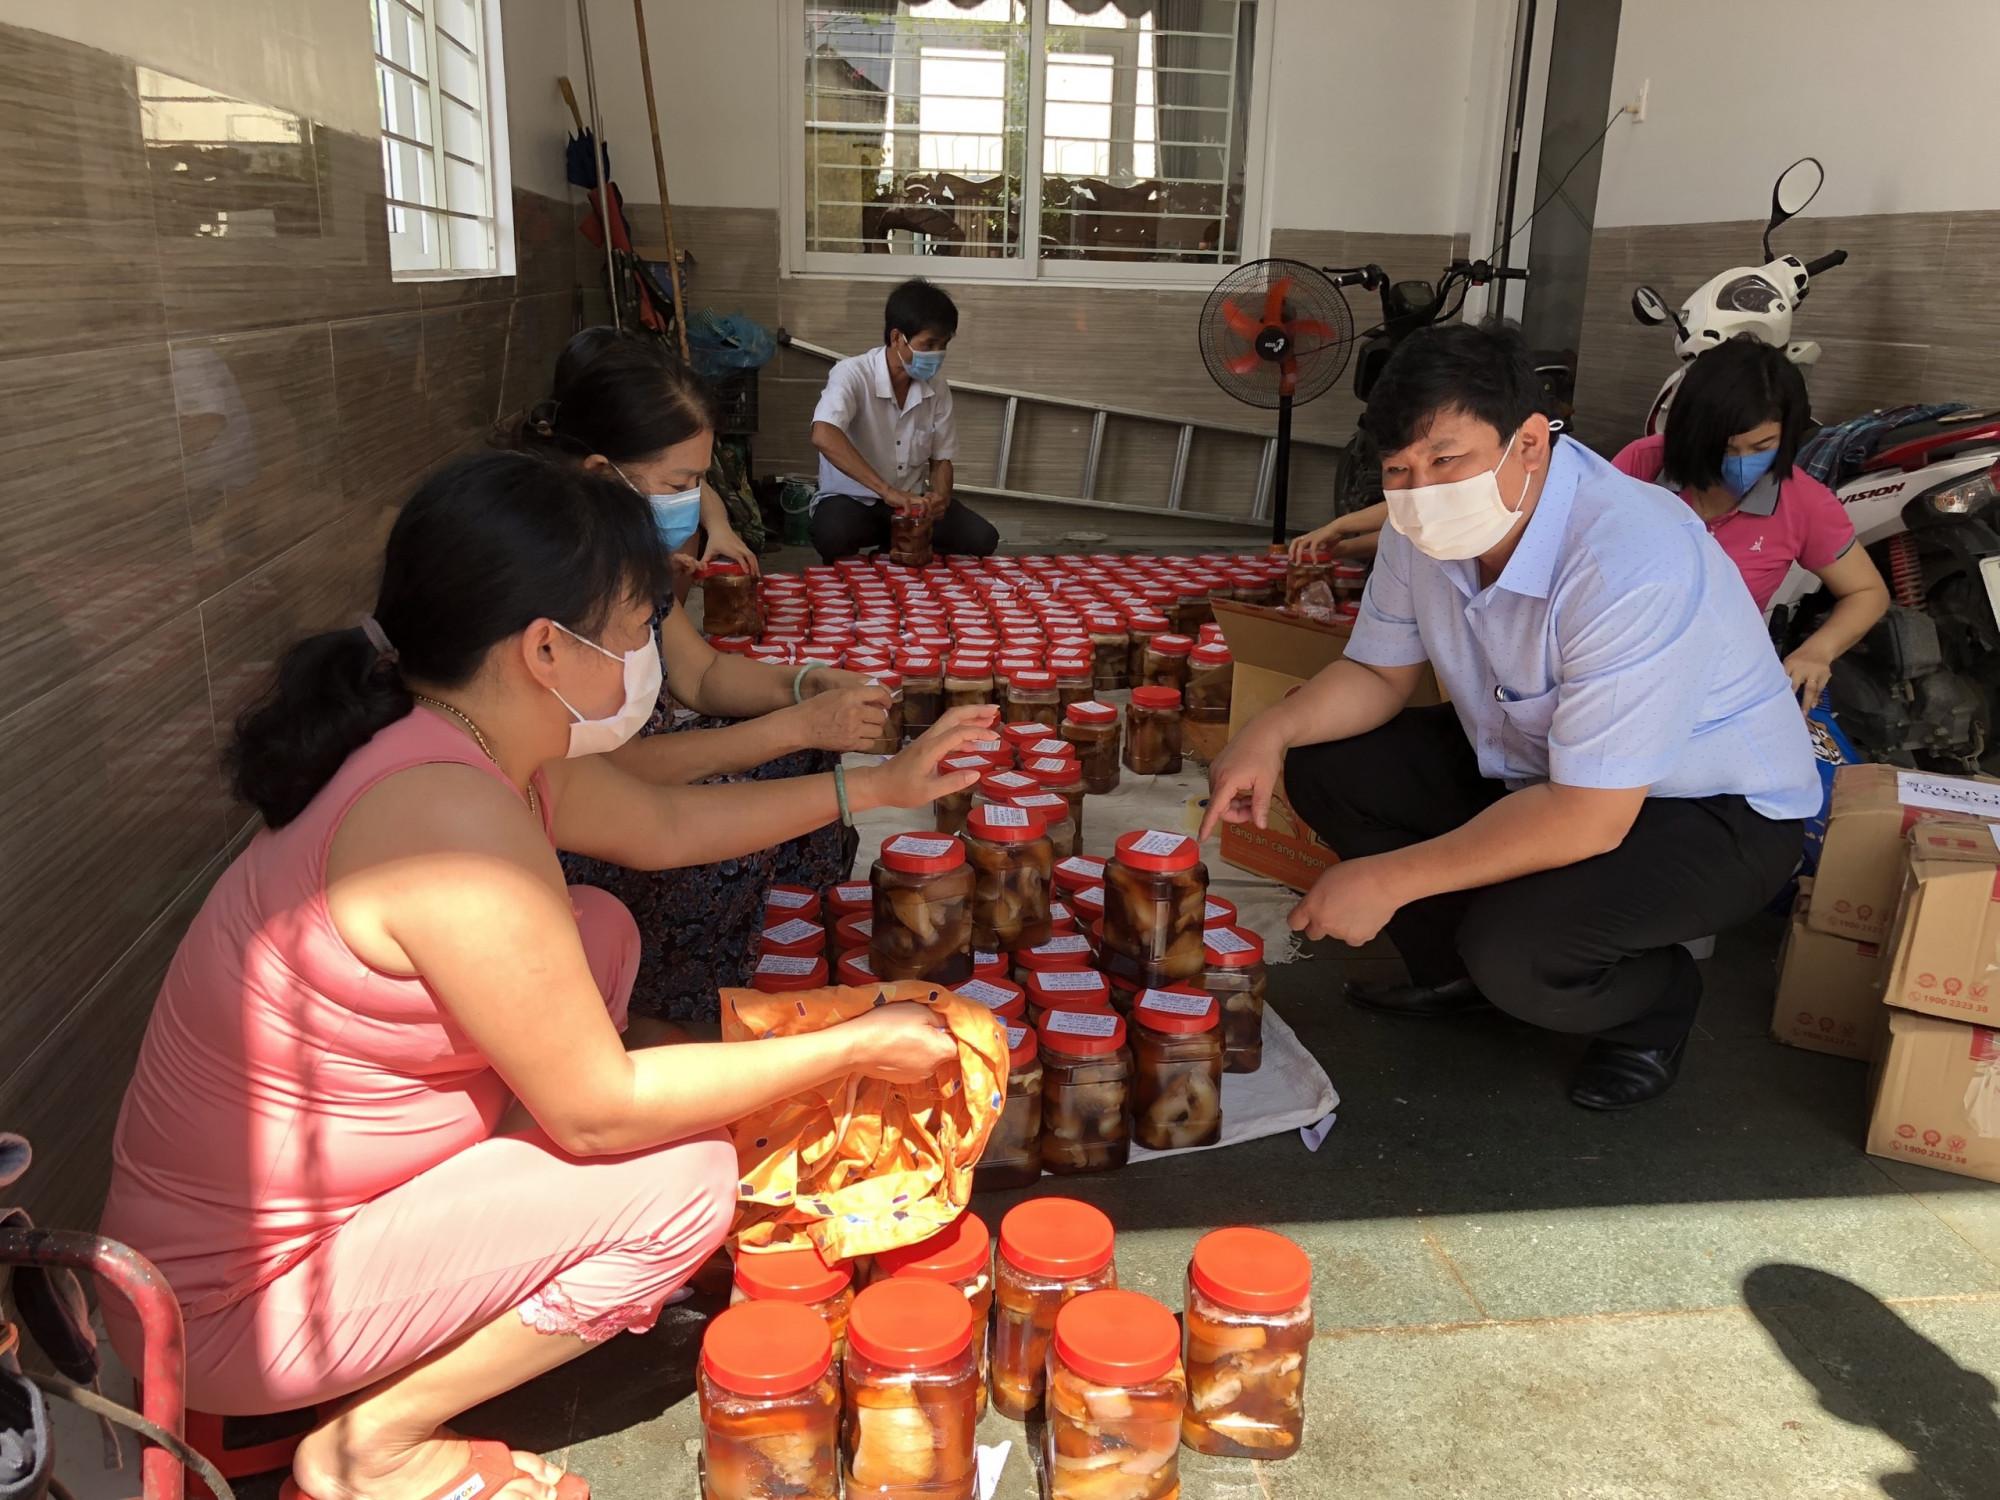 Người dân Quảng Ngãi đang chuẩn bị thực phẩm gửi vào TPHCM cho đồng hương - ảnh: Hội đồng hương Quảng Ngãi tại TPHCM cung cấp.